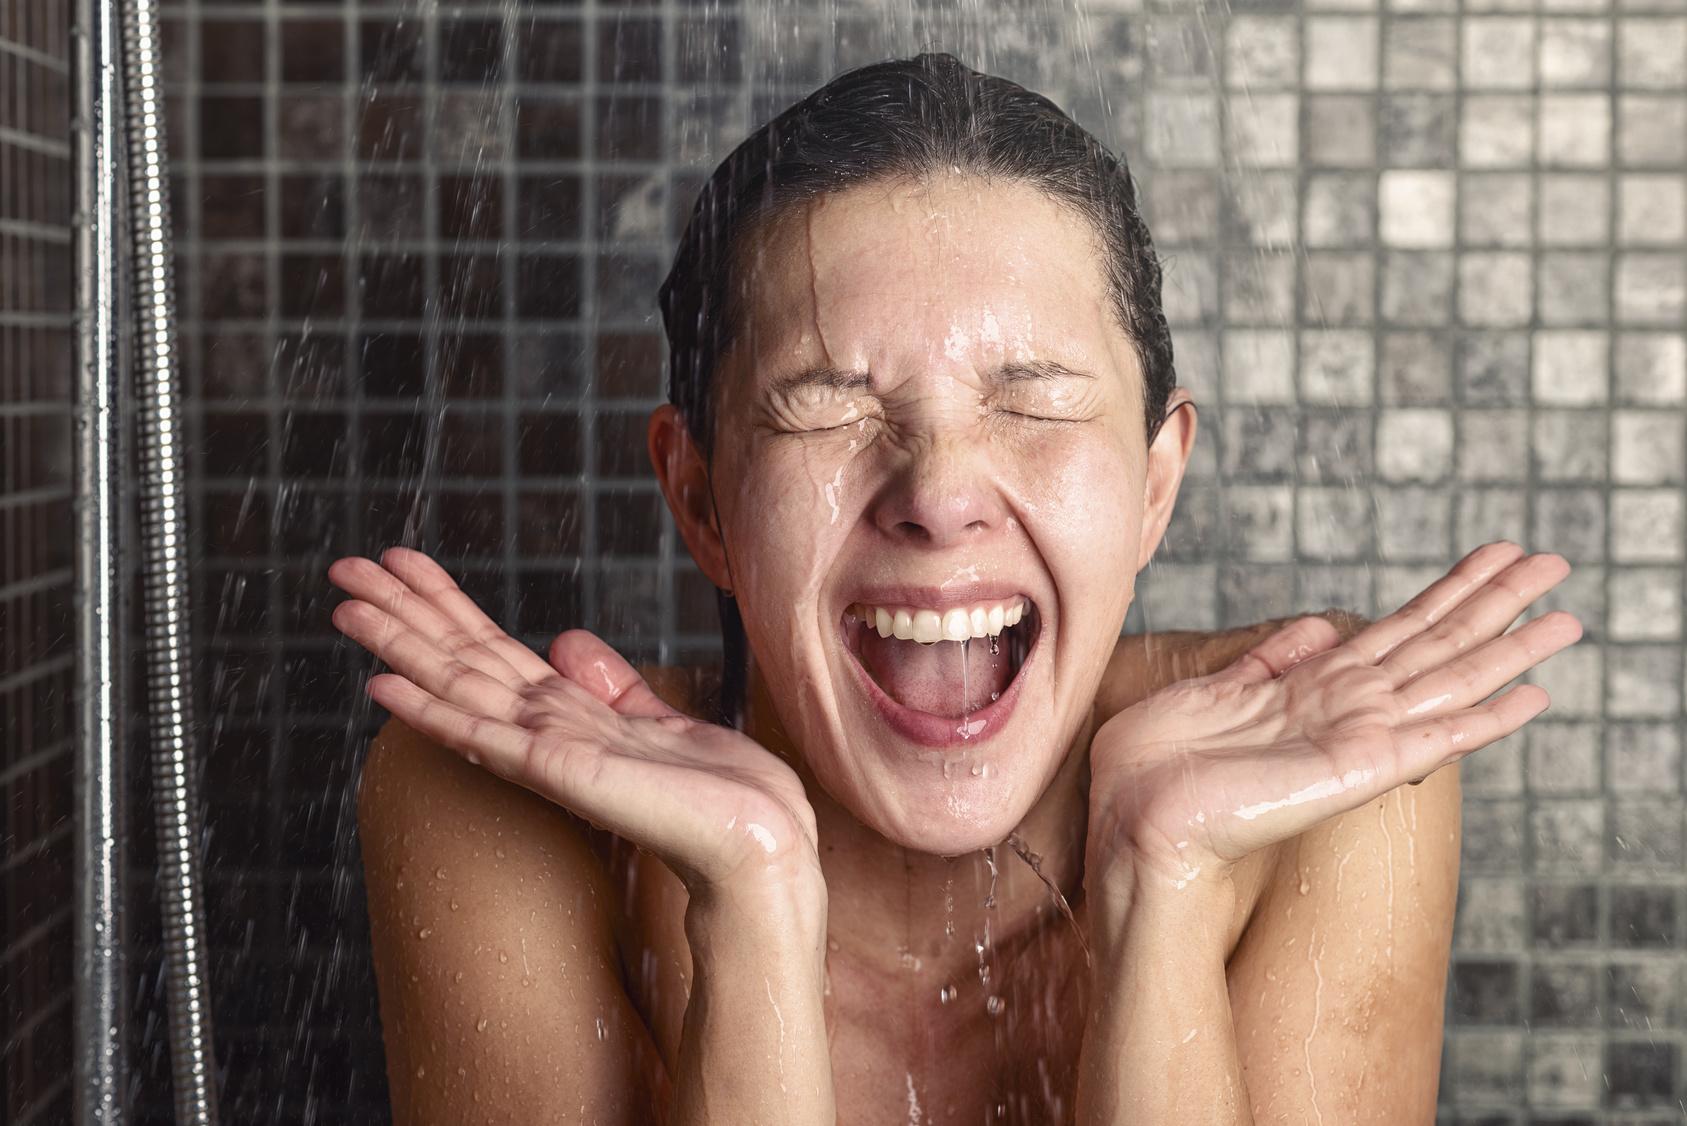 Energiespartipp 3: Nichts für schwache Nerven, aber für niedrige Stromkosten - kalt duschen